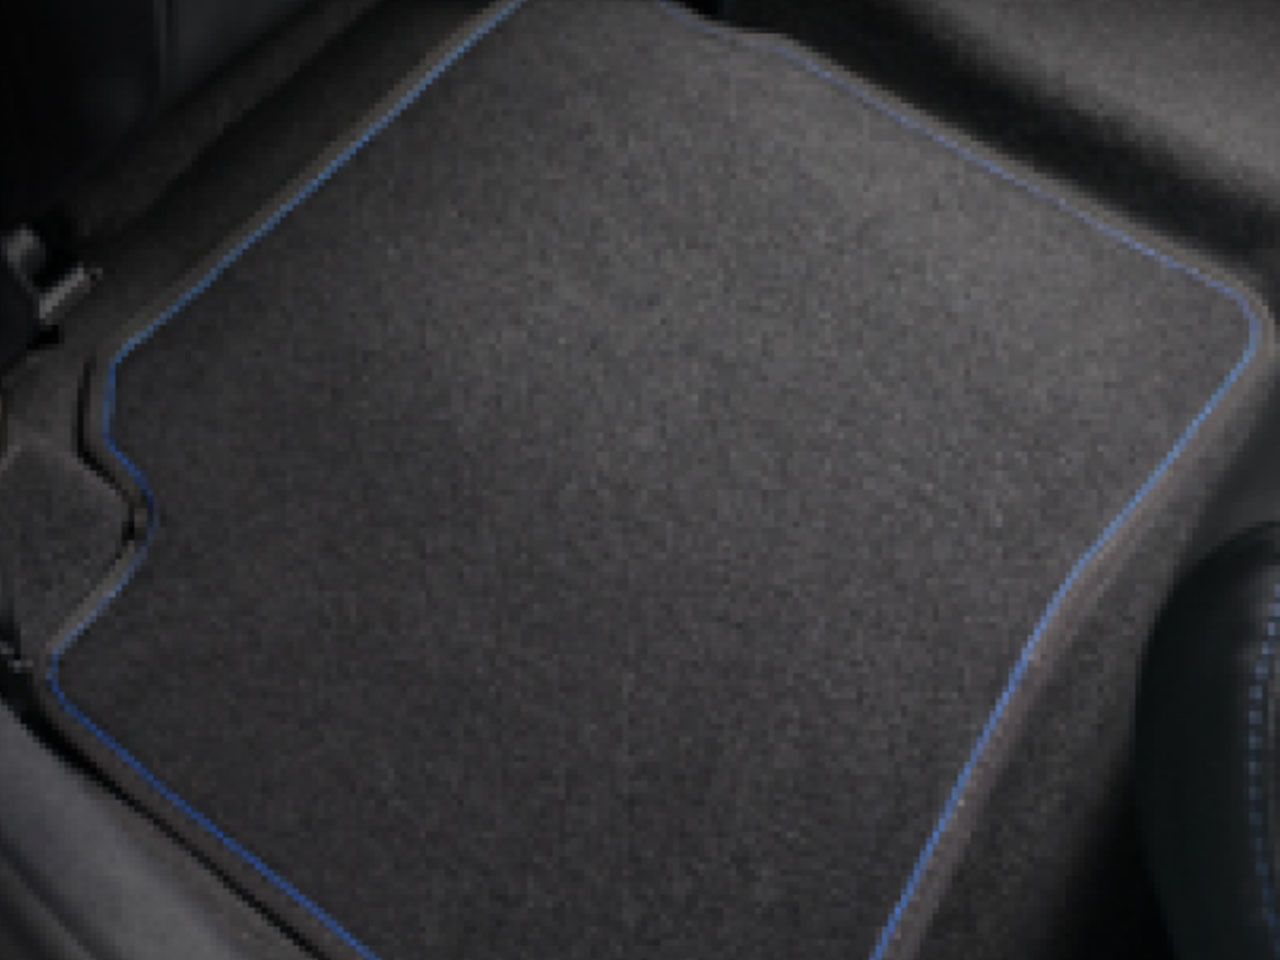 Tapete de Carpete Traseiro Etios Hatch Platinum (até 2018)  - Mirai Peças Toyota